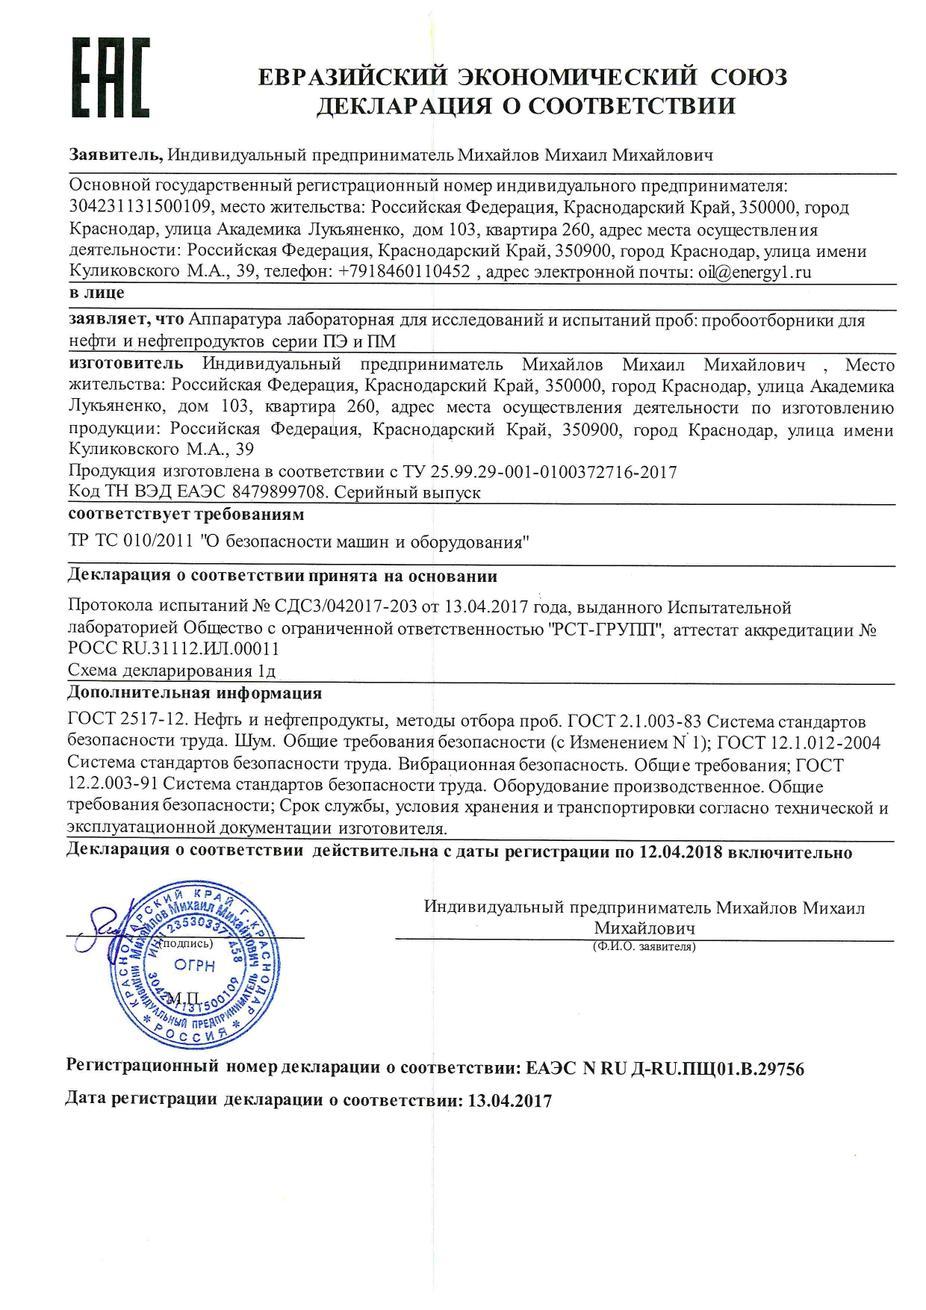 ЕАС декларация о соответствии на пробоотборники